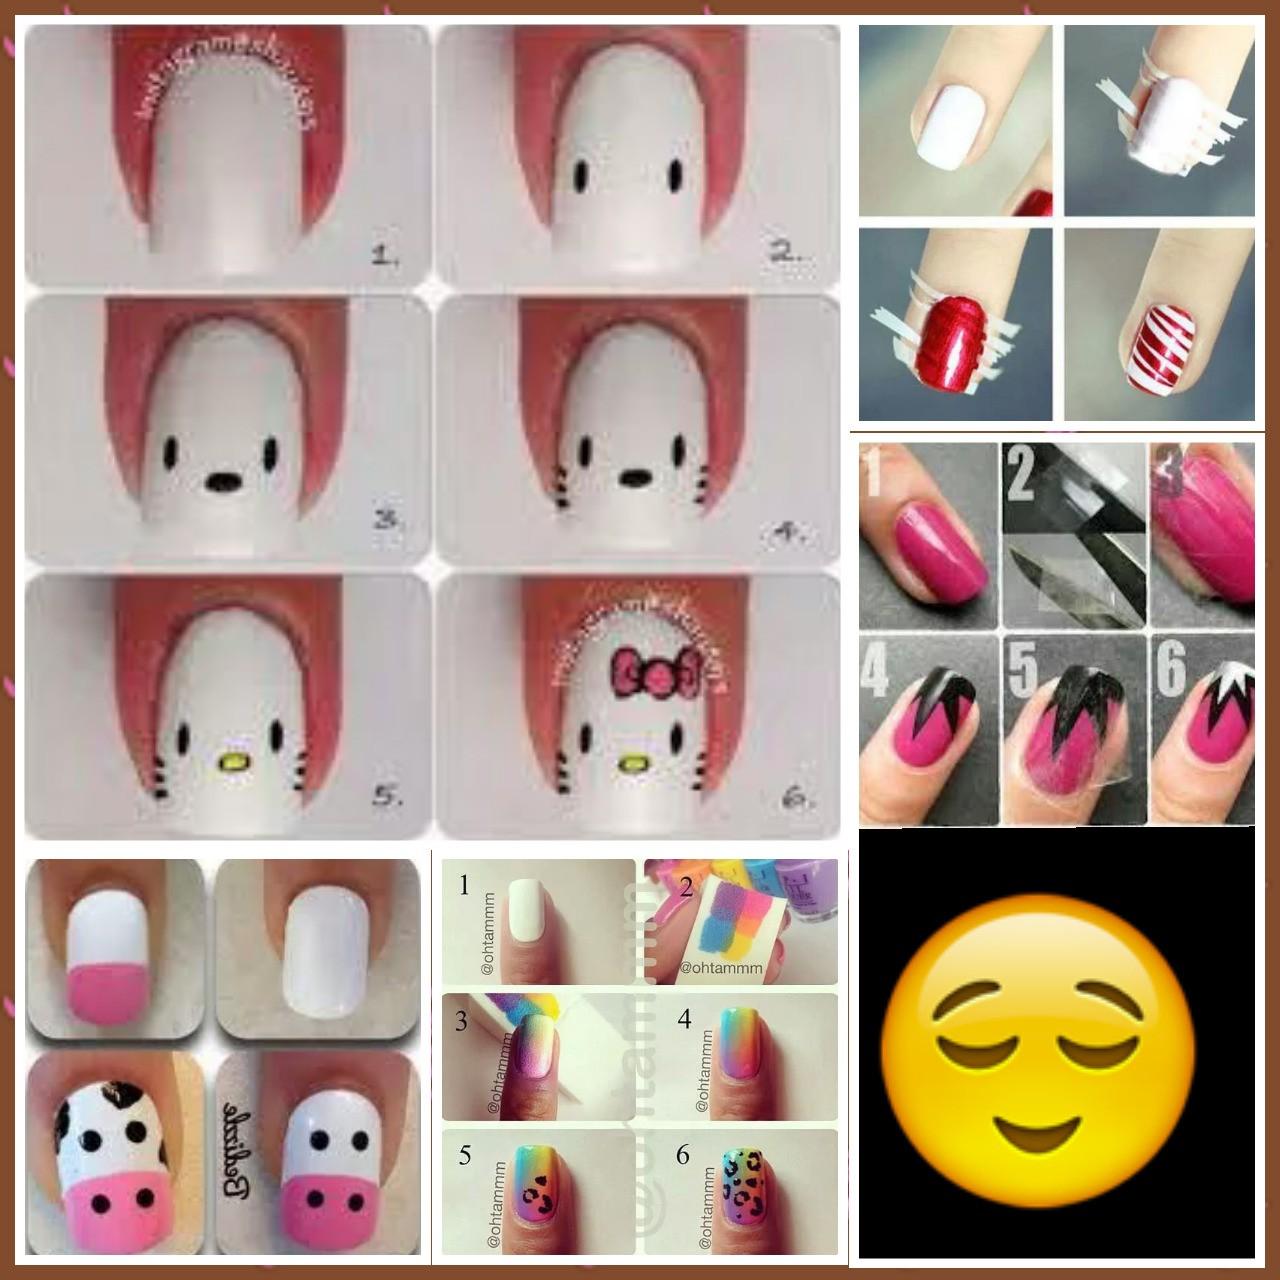 Decoren sus uñas.......con sus amigas en una pijamada.......cada quien su estilo Aki les dejo una serie de distintos diseños de uñas! !!!!!!